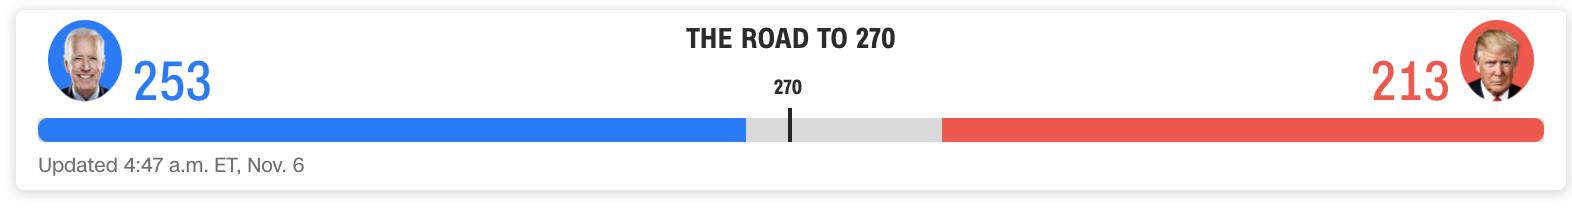 """ฟิลาเดลเฟียจะมีการอัปเดตการนับคะแนนอีกครั้งใน """"อีกหนึ่งหรือสองชั่วโมงข้างหน้า"""" ผู้บัญชาการประจำเมืองกล่าว - C'mon » TikTokJa Video Downloader"""